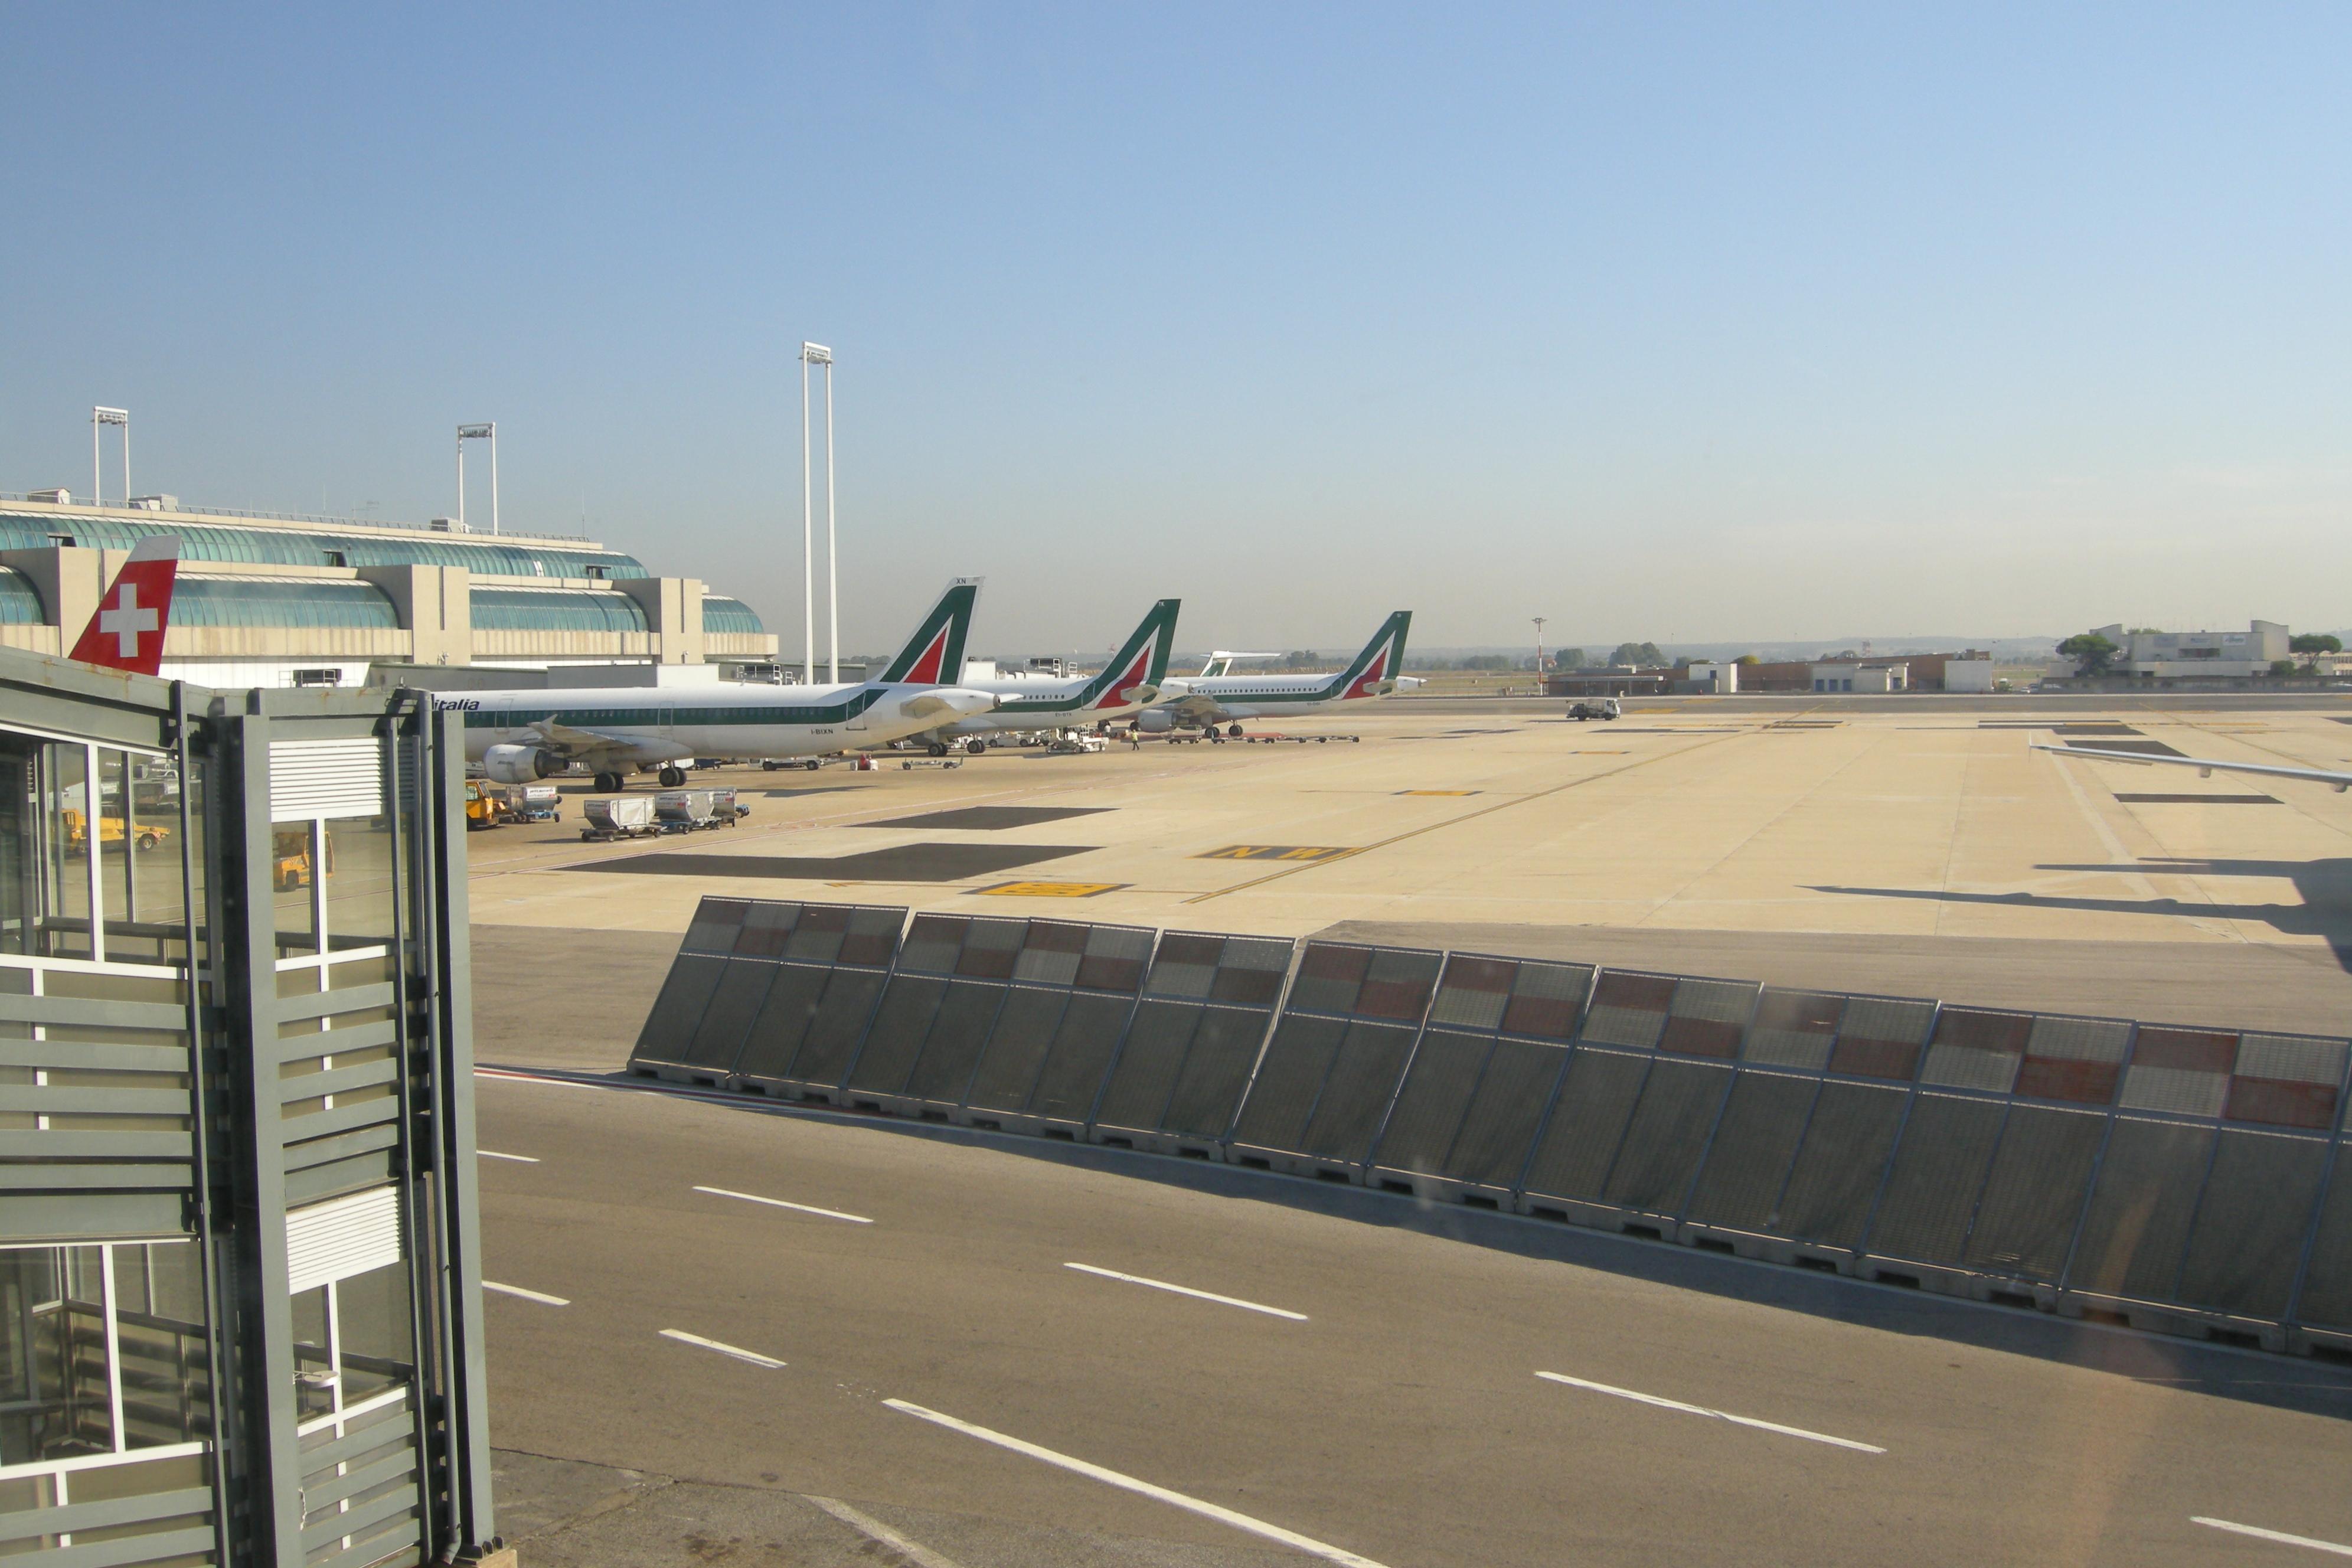 File:Rome Leonardo da Vinci (Fiumicino) Airport 01.JPG - Wikimedia ...